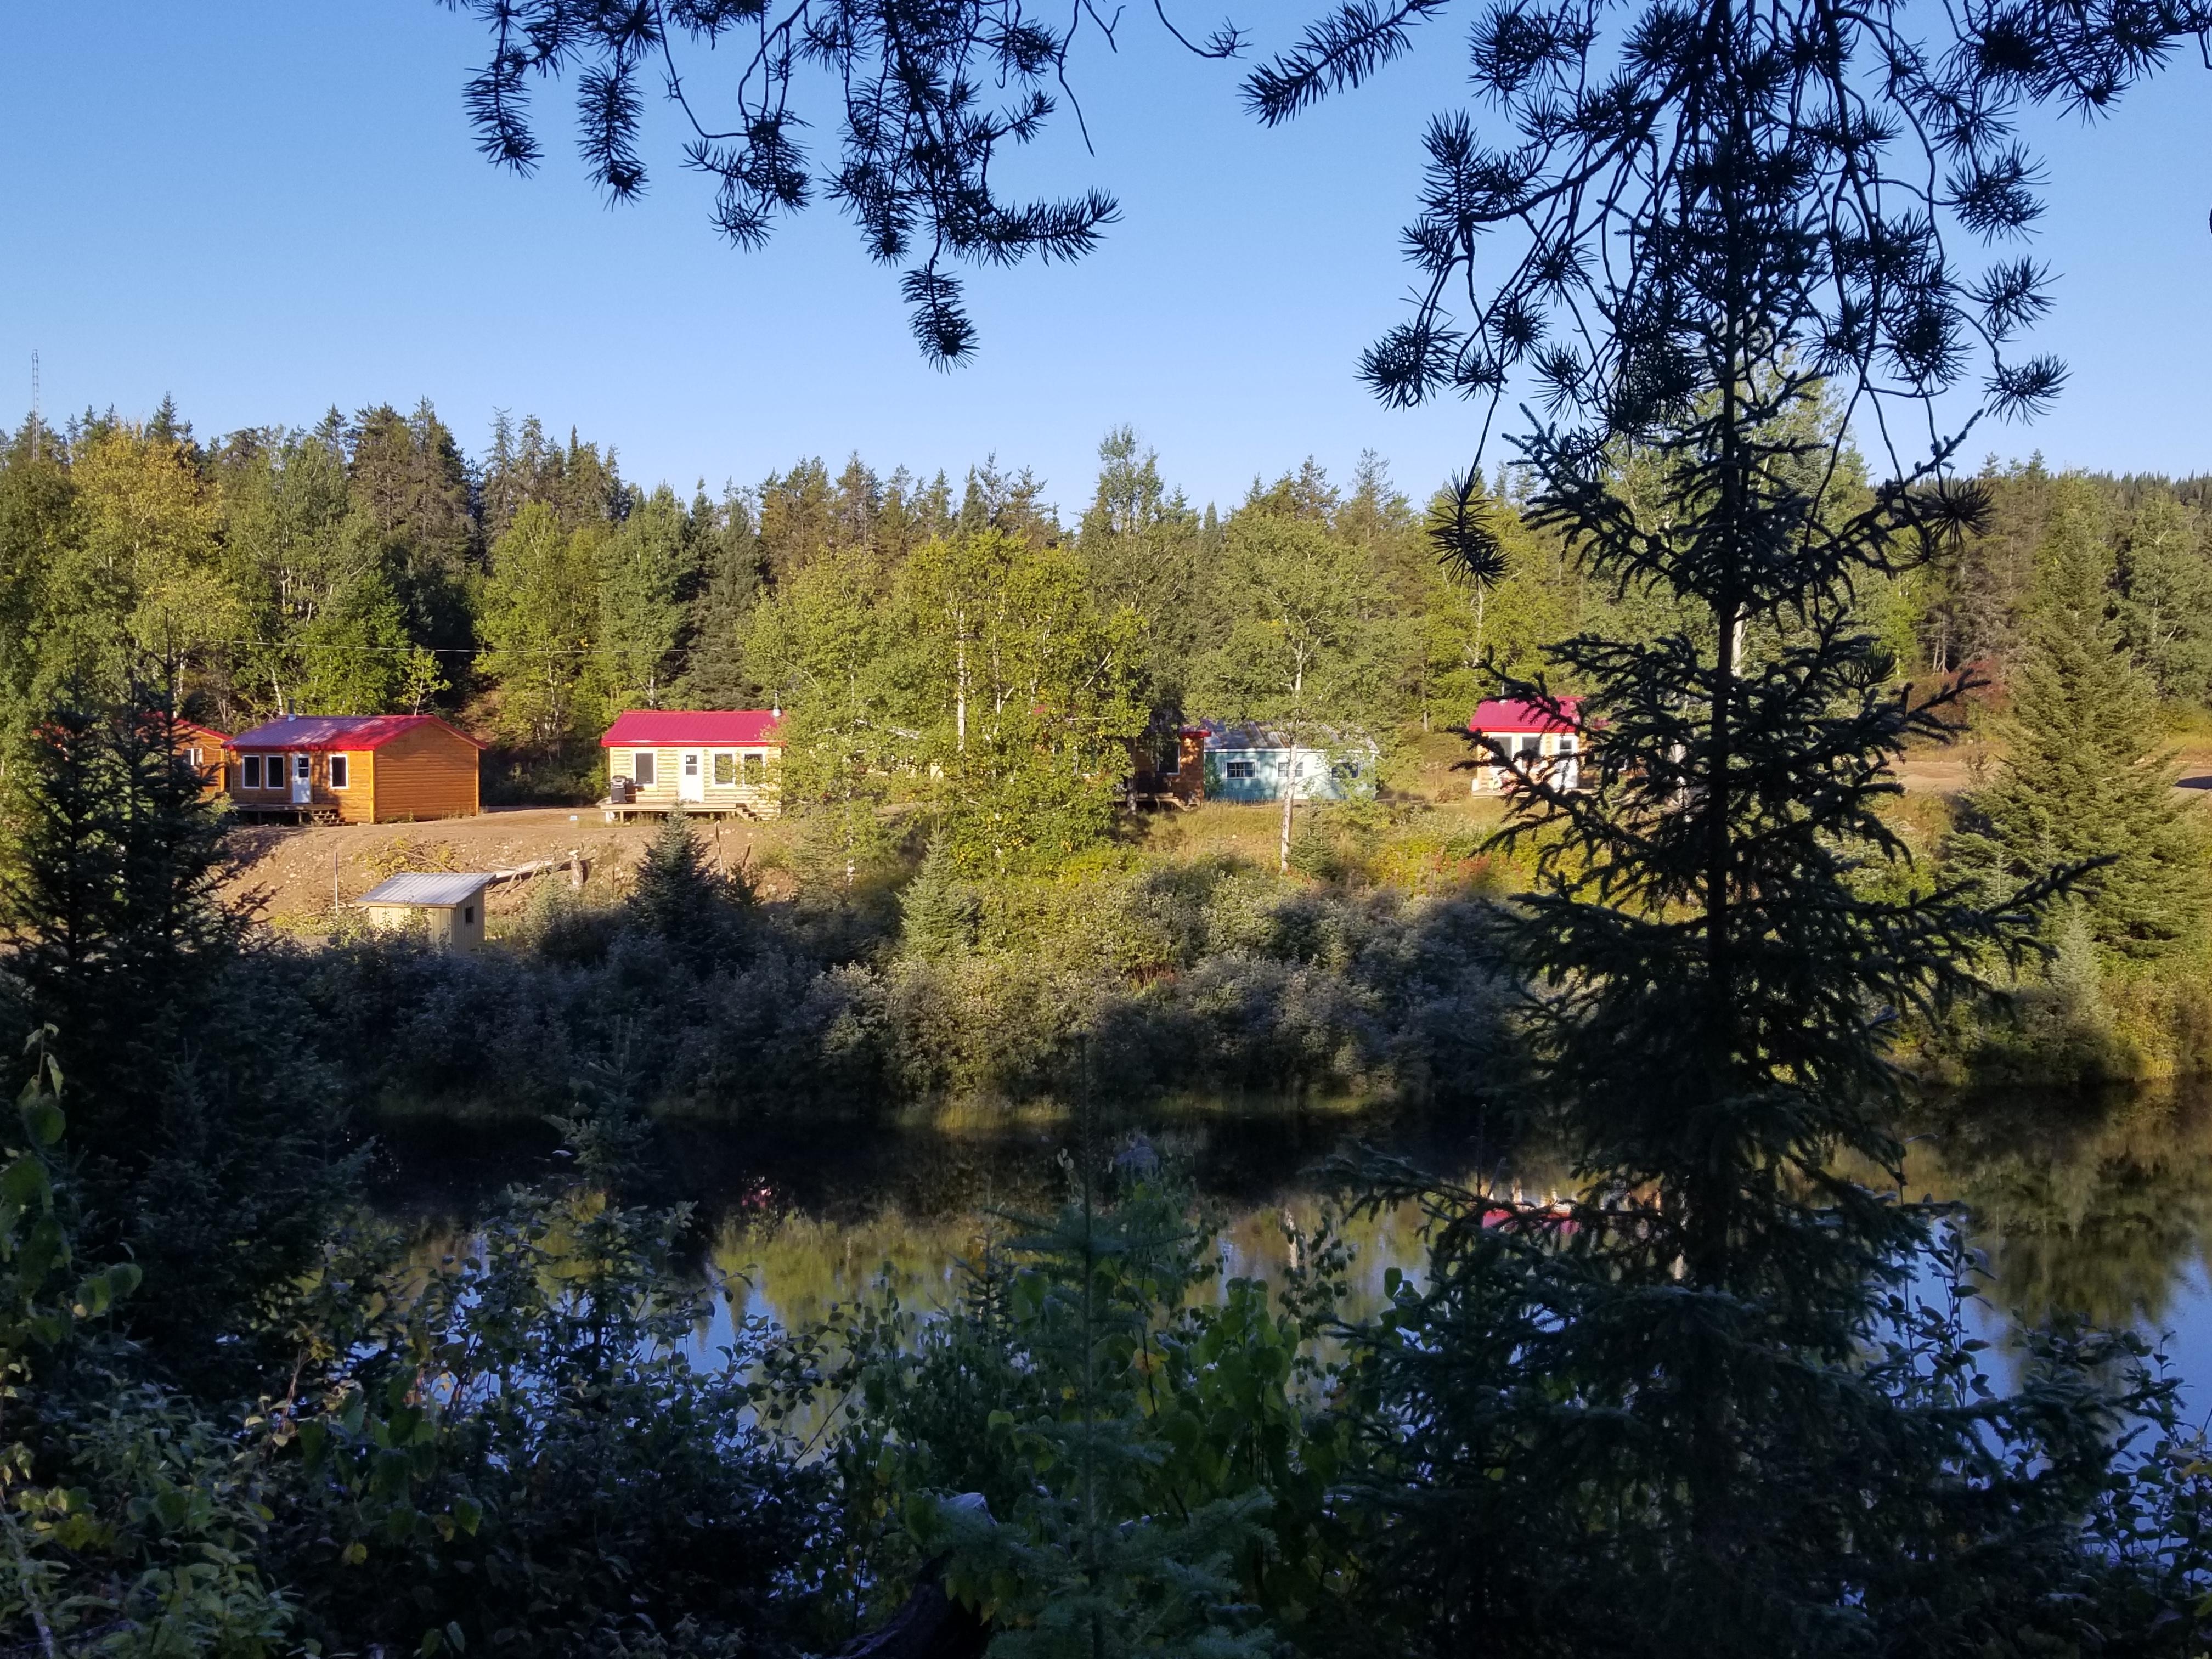 Vente Gîte avec 19 chalets, entourés d'une riche faune et flore de 245 km2 à Lac-Doré